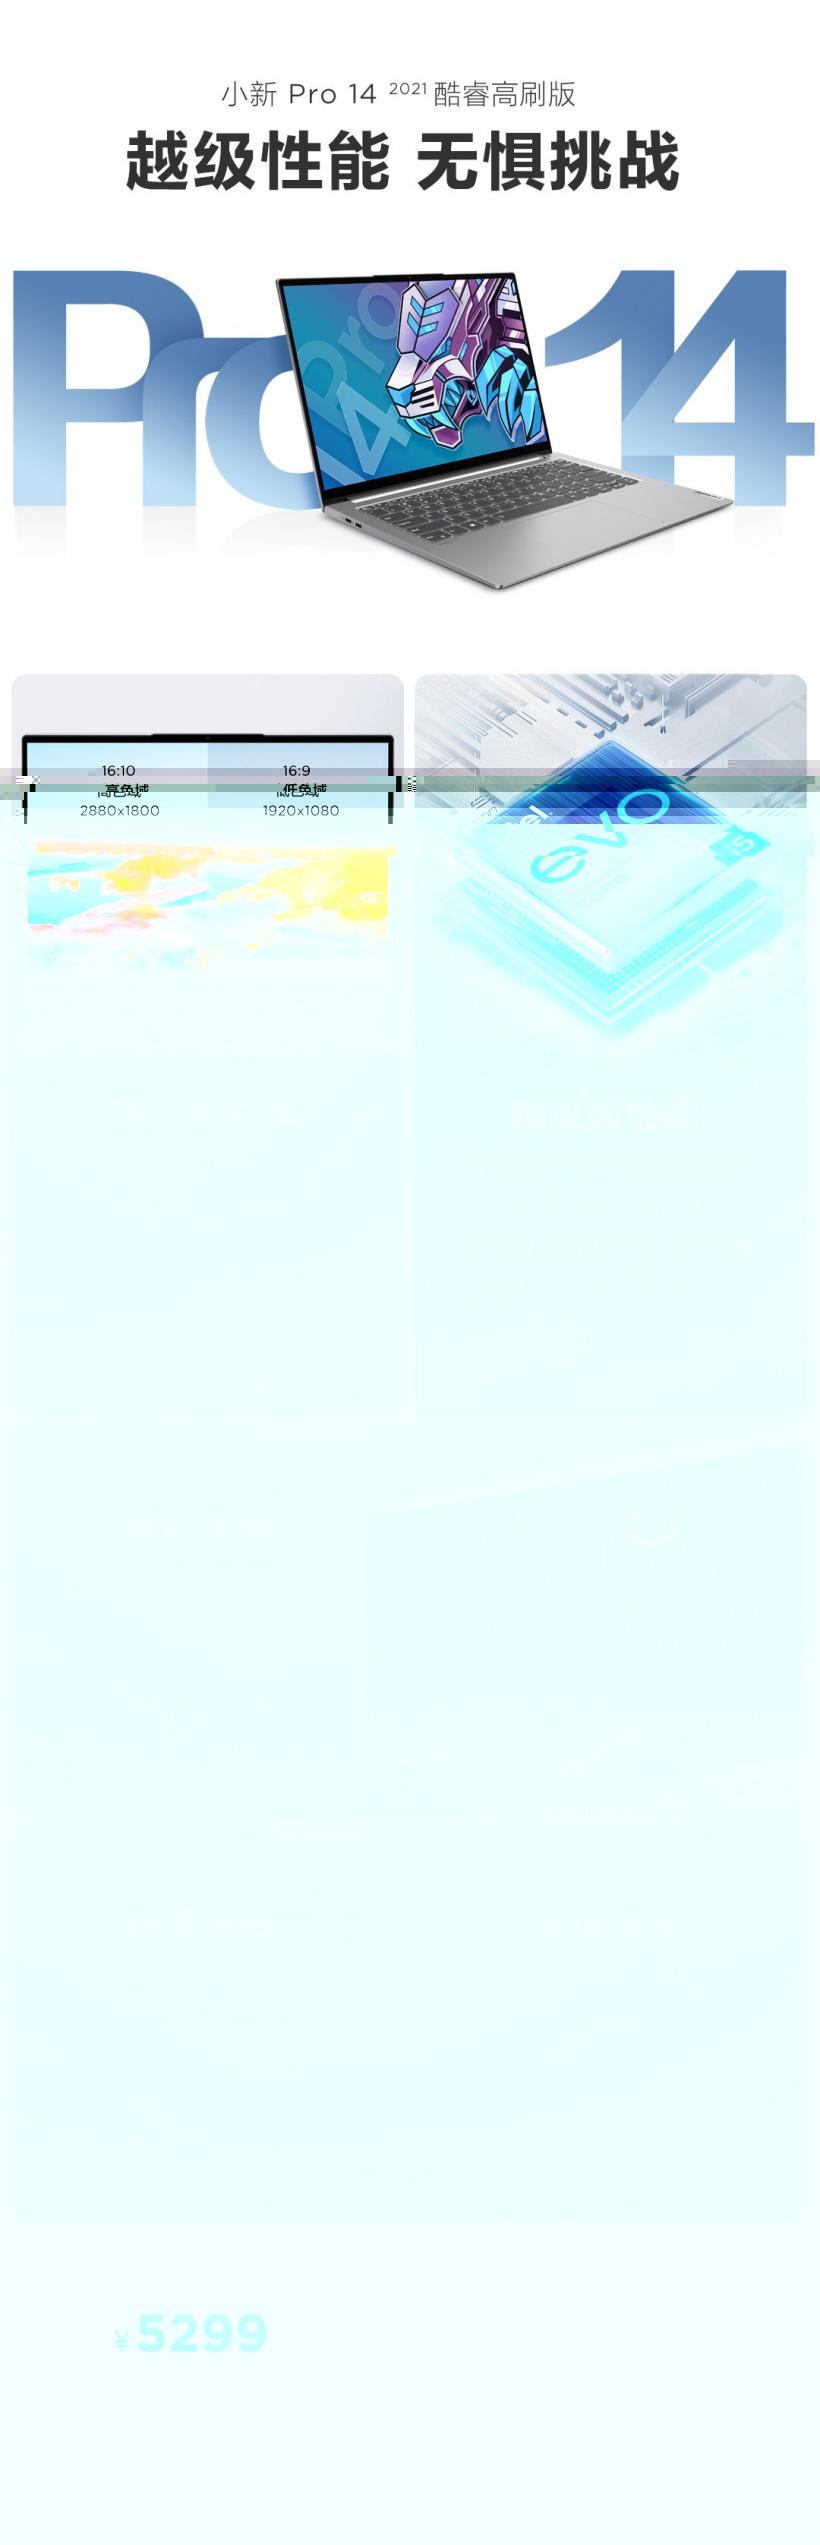 联想推出了五款新款  预装 Windows 11 家庭中文版